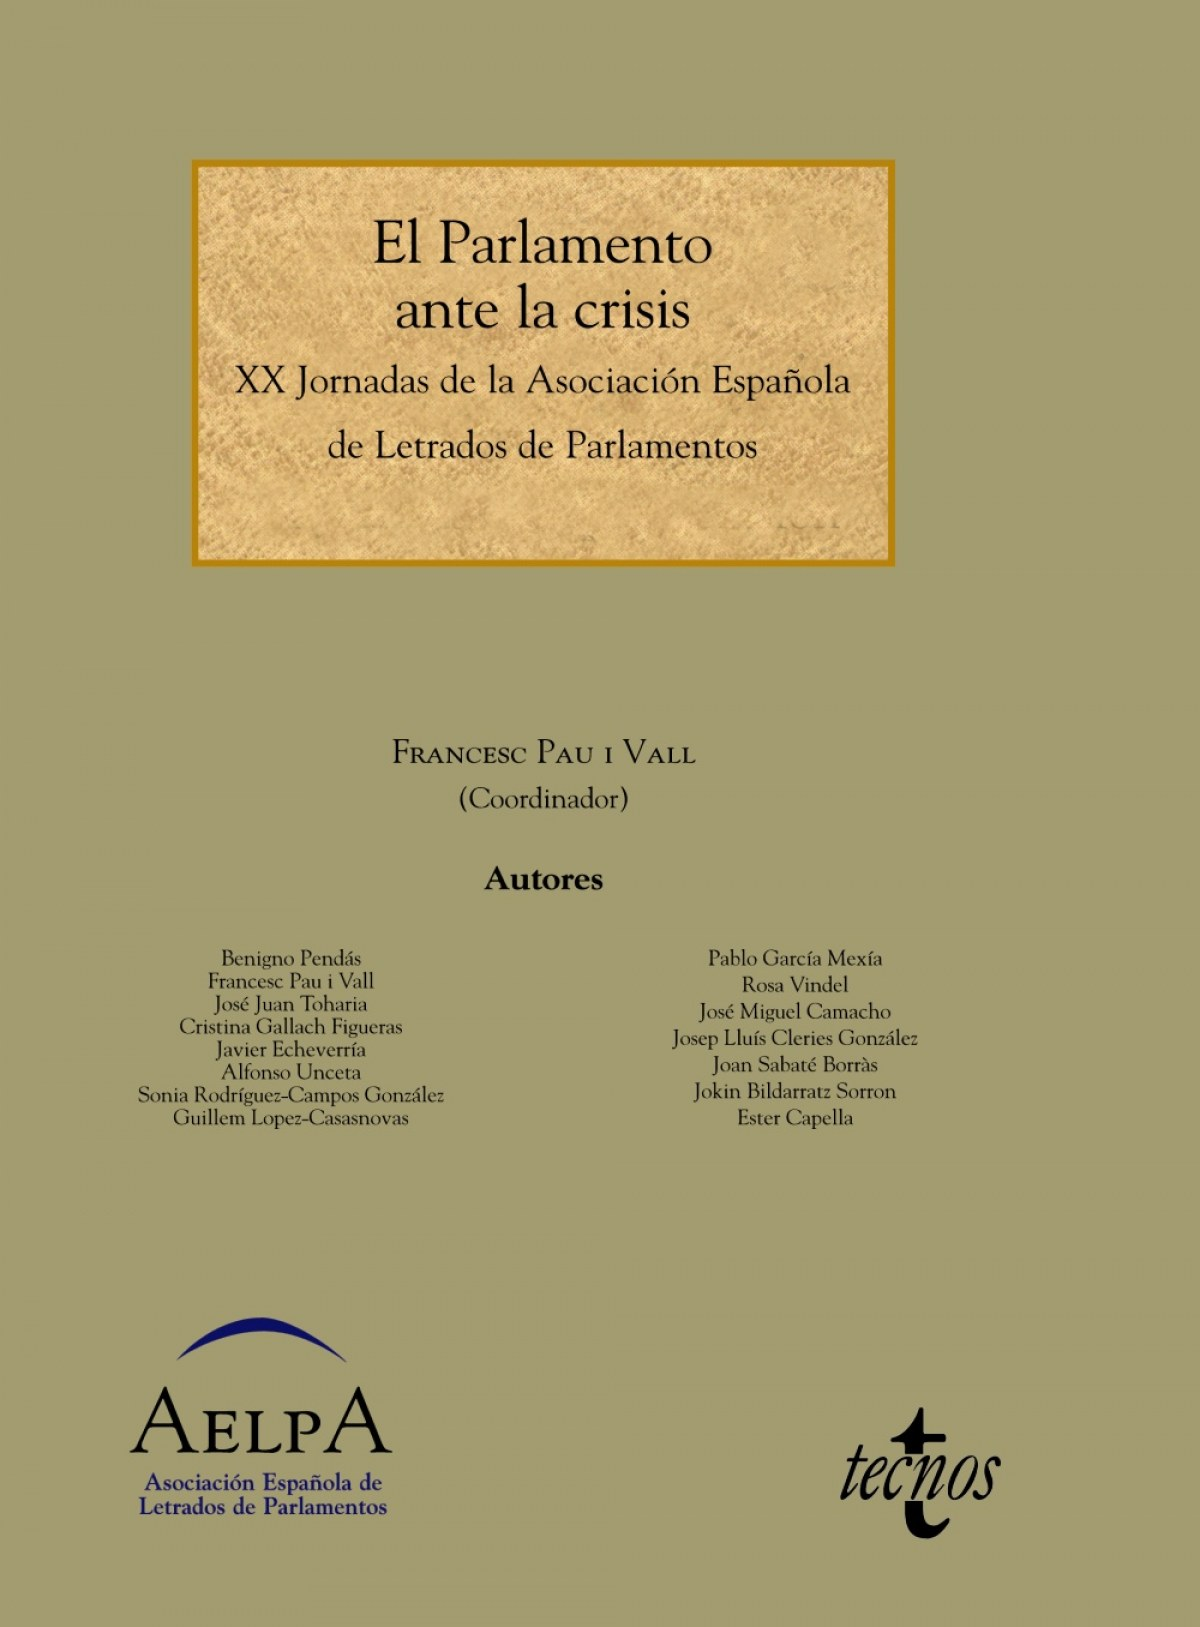 El parlamento ante la crisis